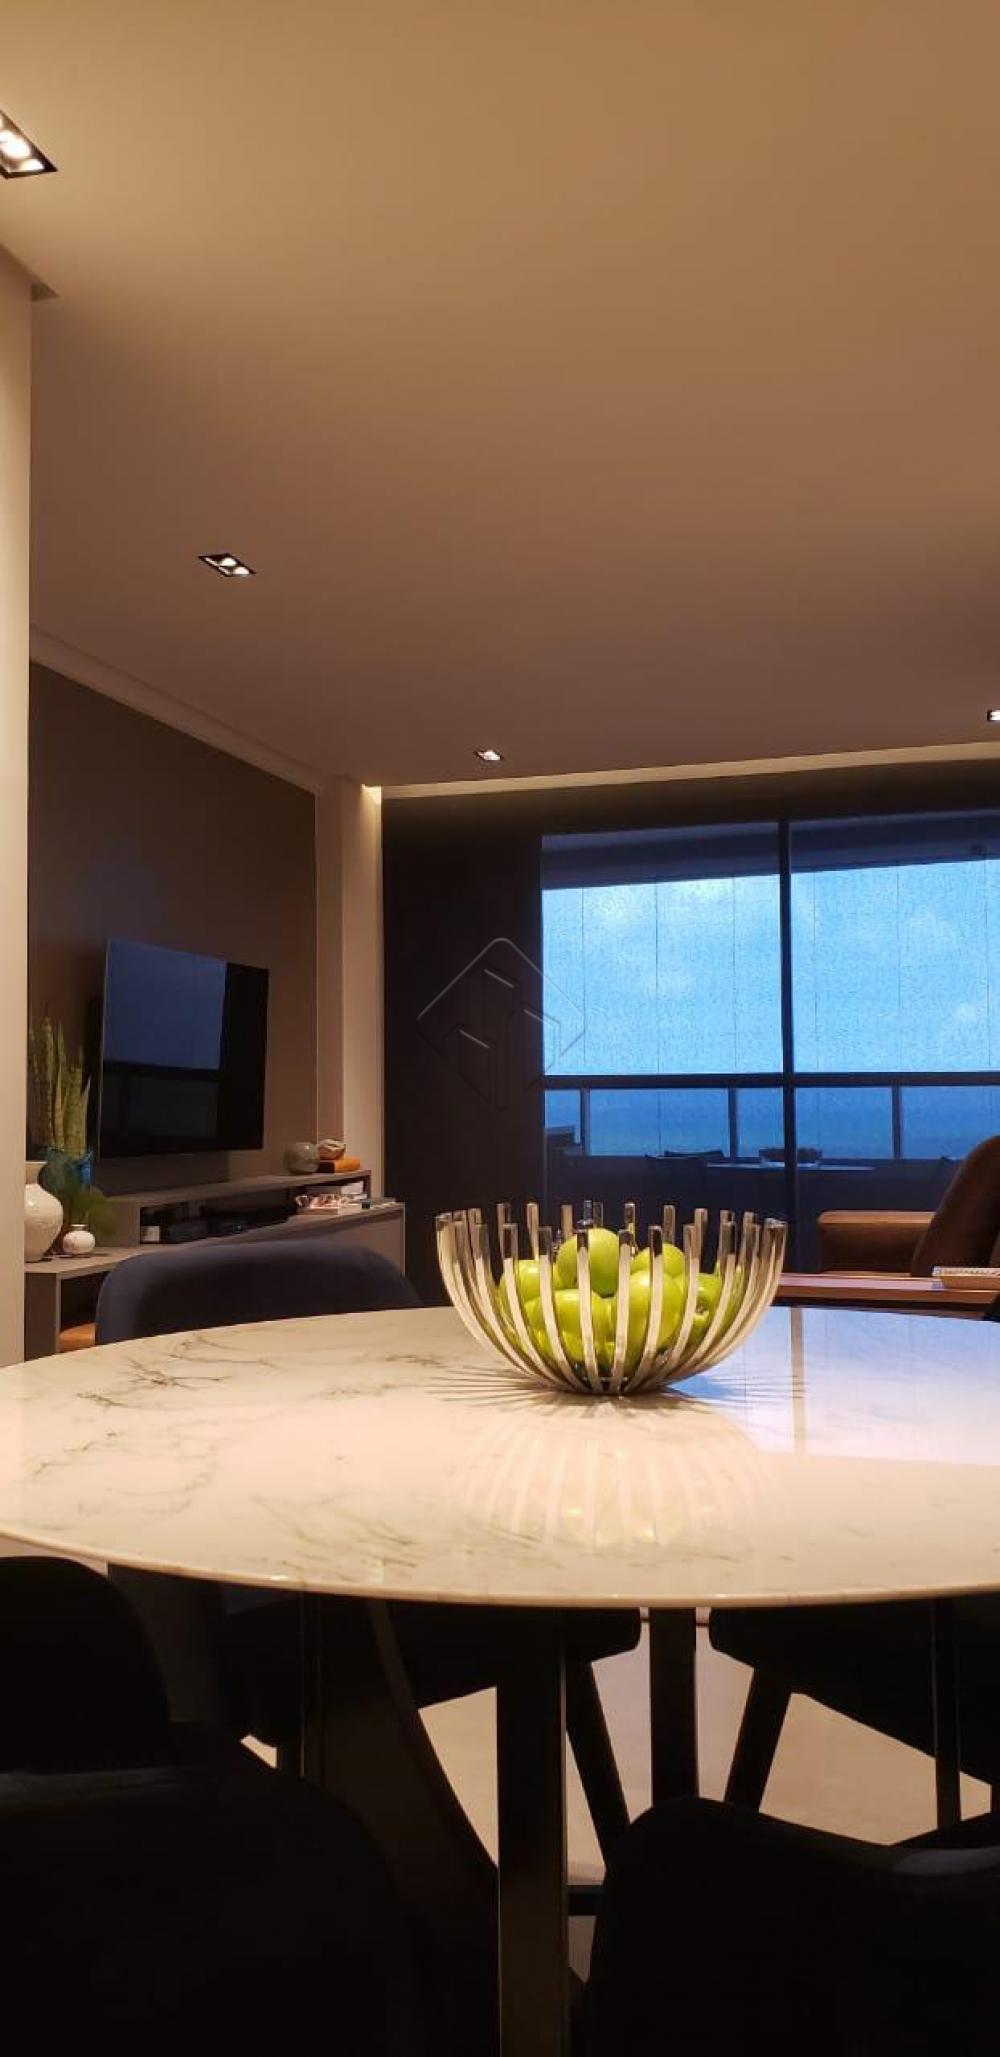 Comprar Apartamento / Padrão em João Pessoa apenas R$ 880.000,00 - Foto 7